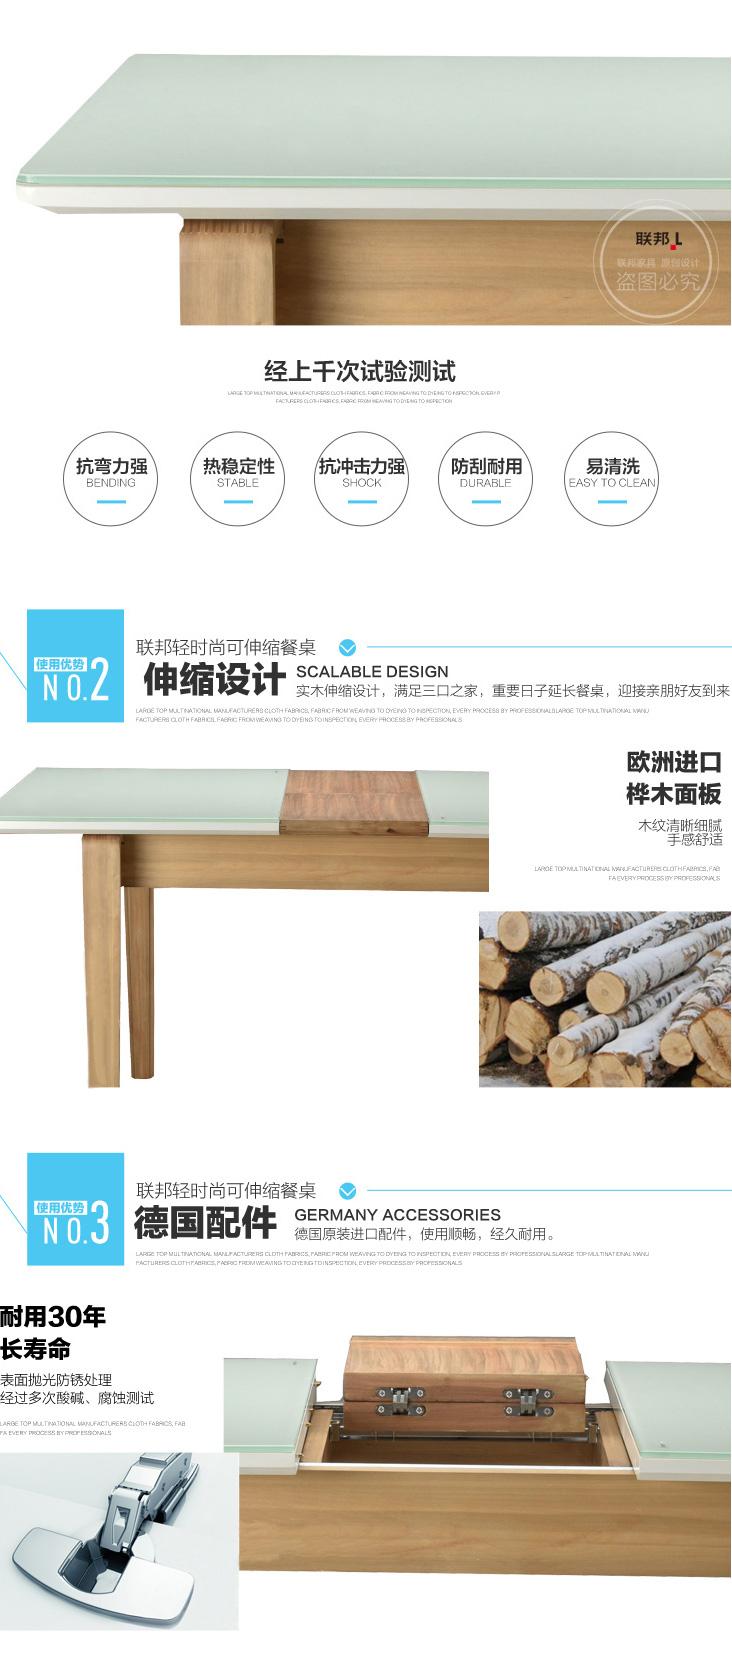 联邦家具-北欧现代实木可伸缩餐桌_06.jpg